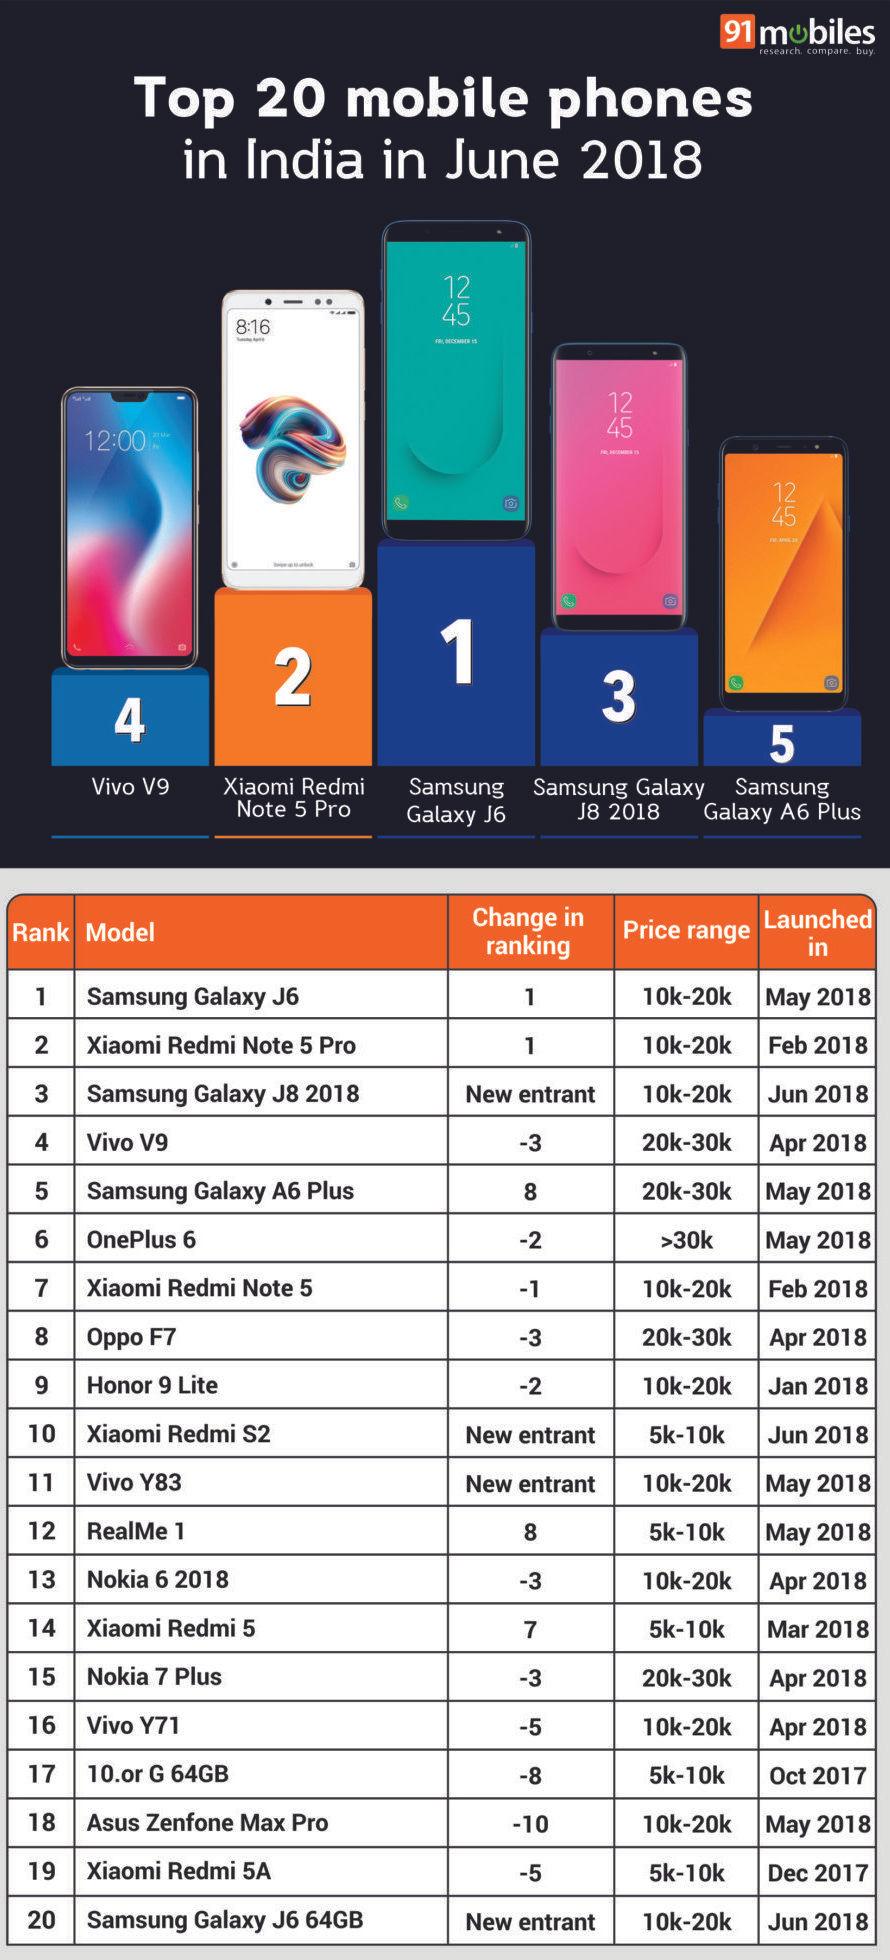 Top 20 mobile phones in India in June 2018